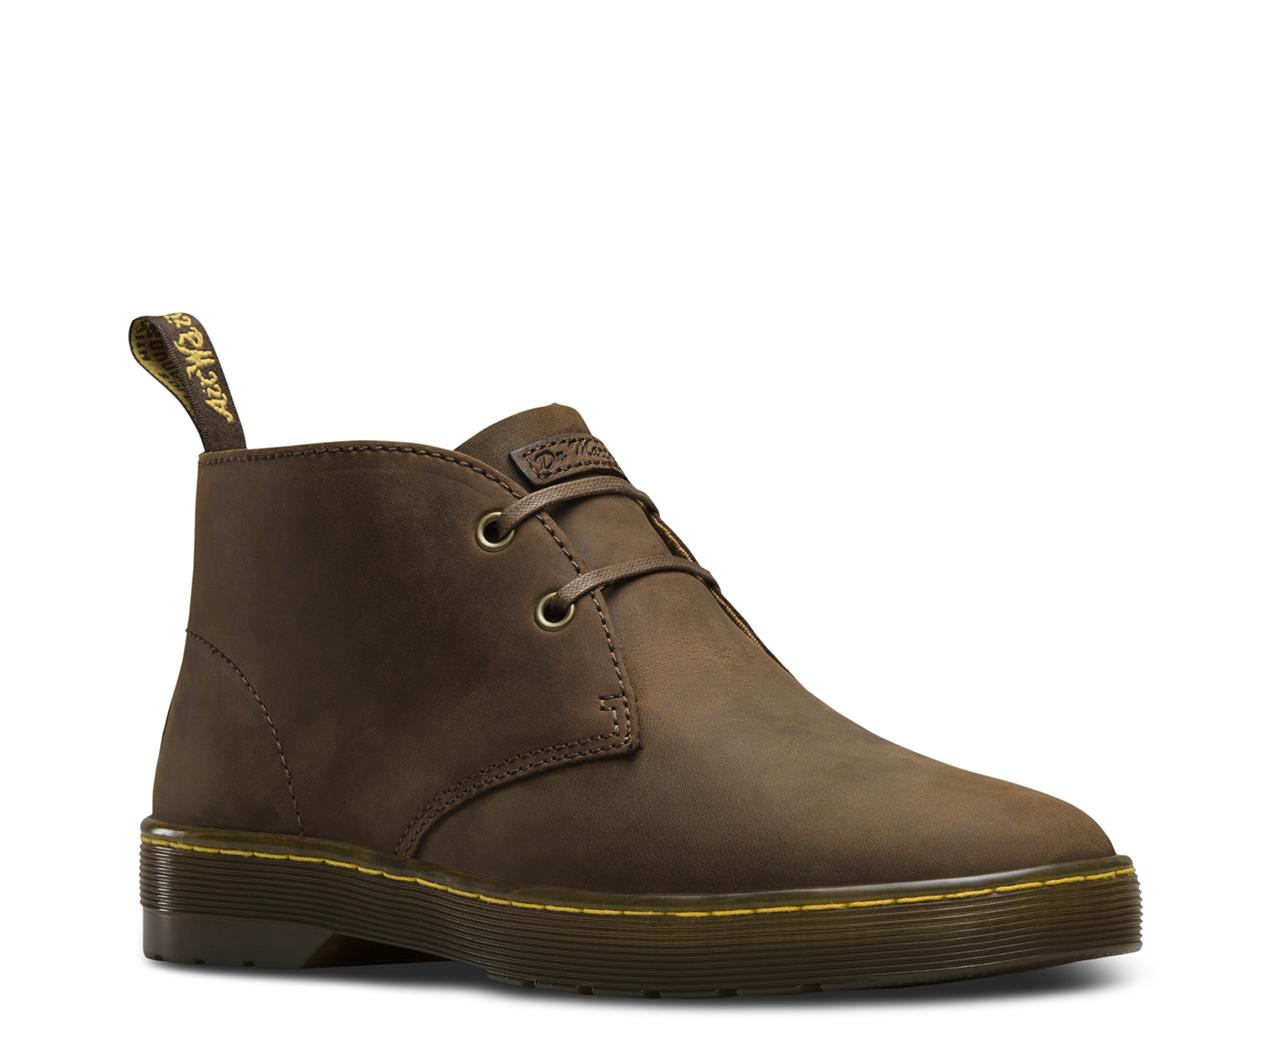 Doc Marten Combat Boots | Metallic Doc Martens | Doc Marten Boots Mens